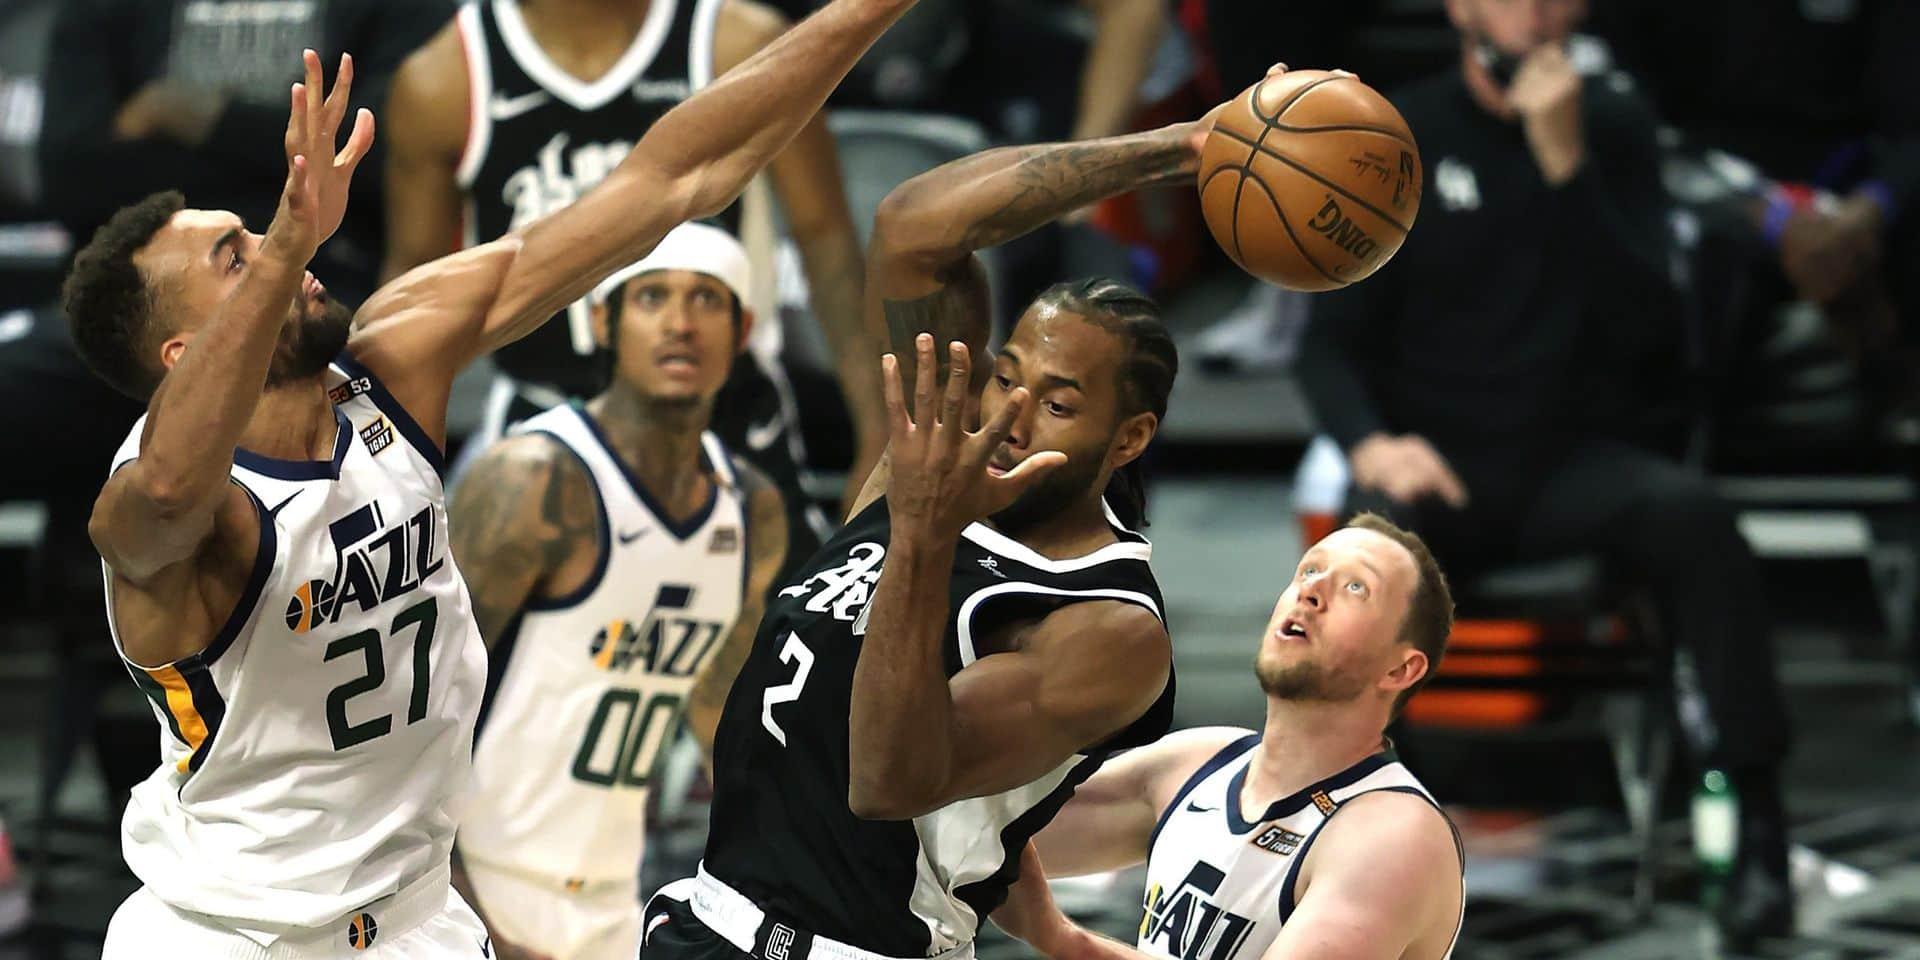 NBA: Les Clippers réduisent l'écart face à Utah Jazz en demi-finales des playoffs à l'Ouest